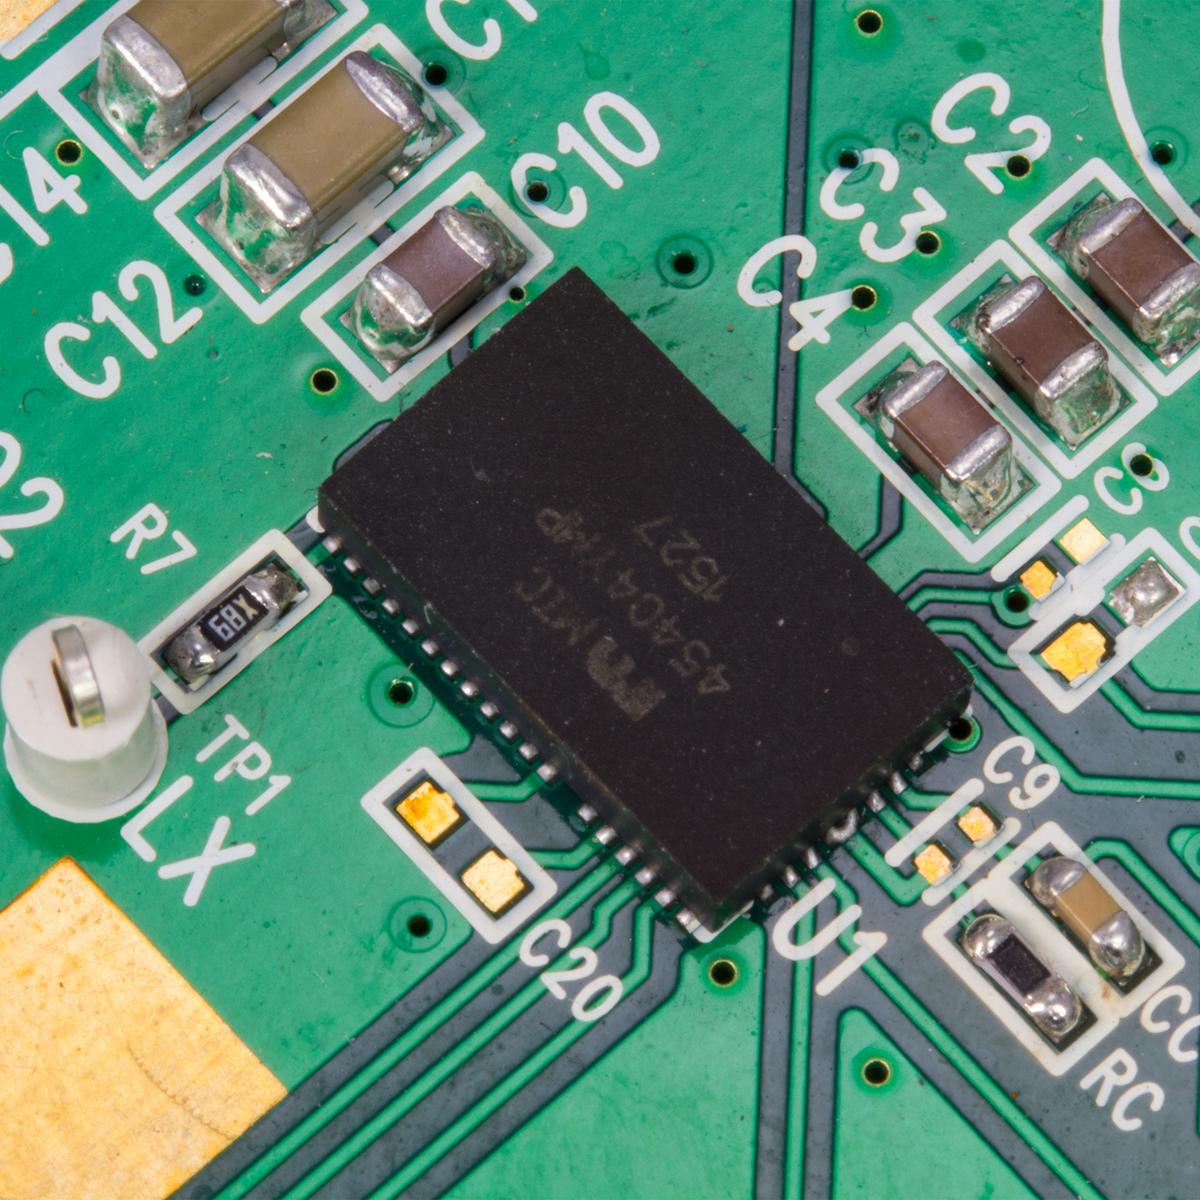 电源模块如何简化和加速产品设计?